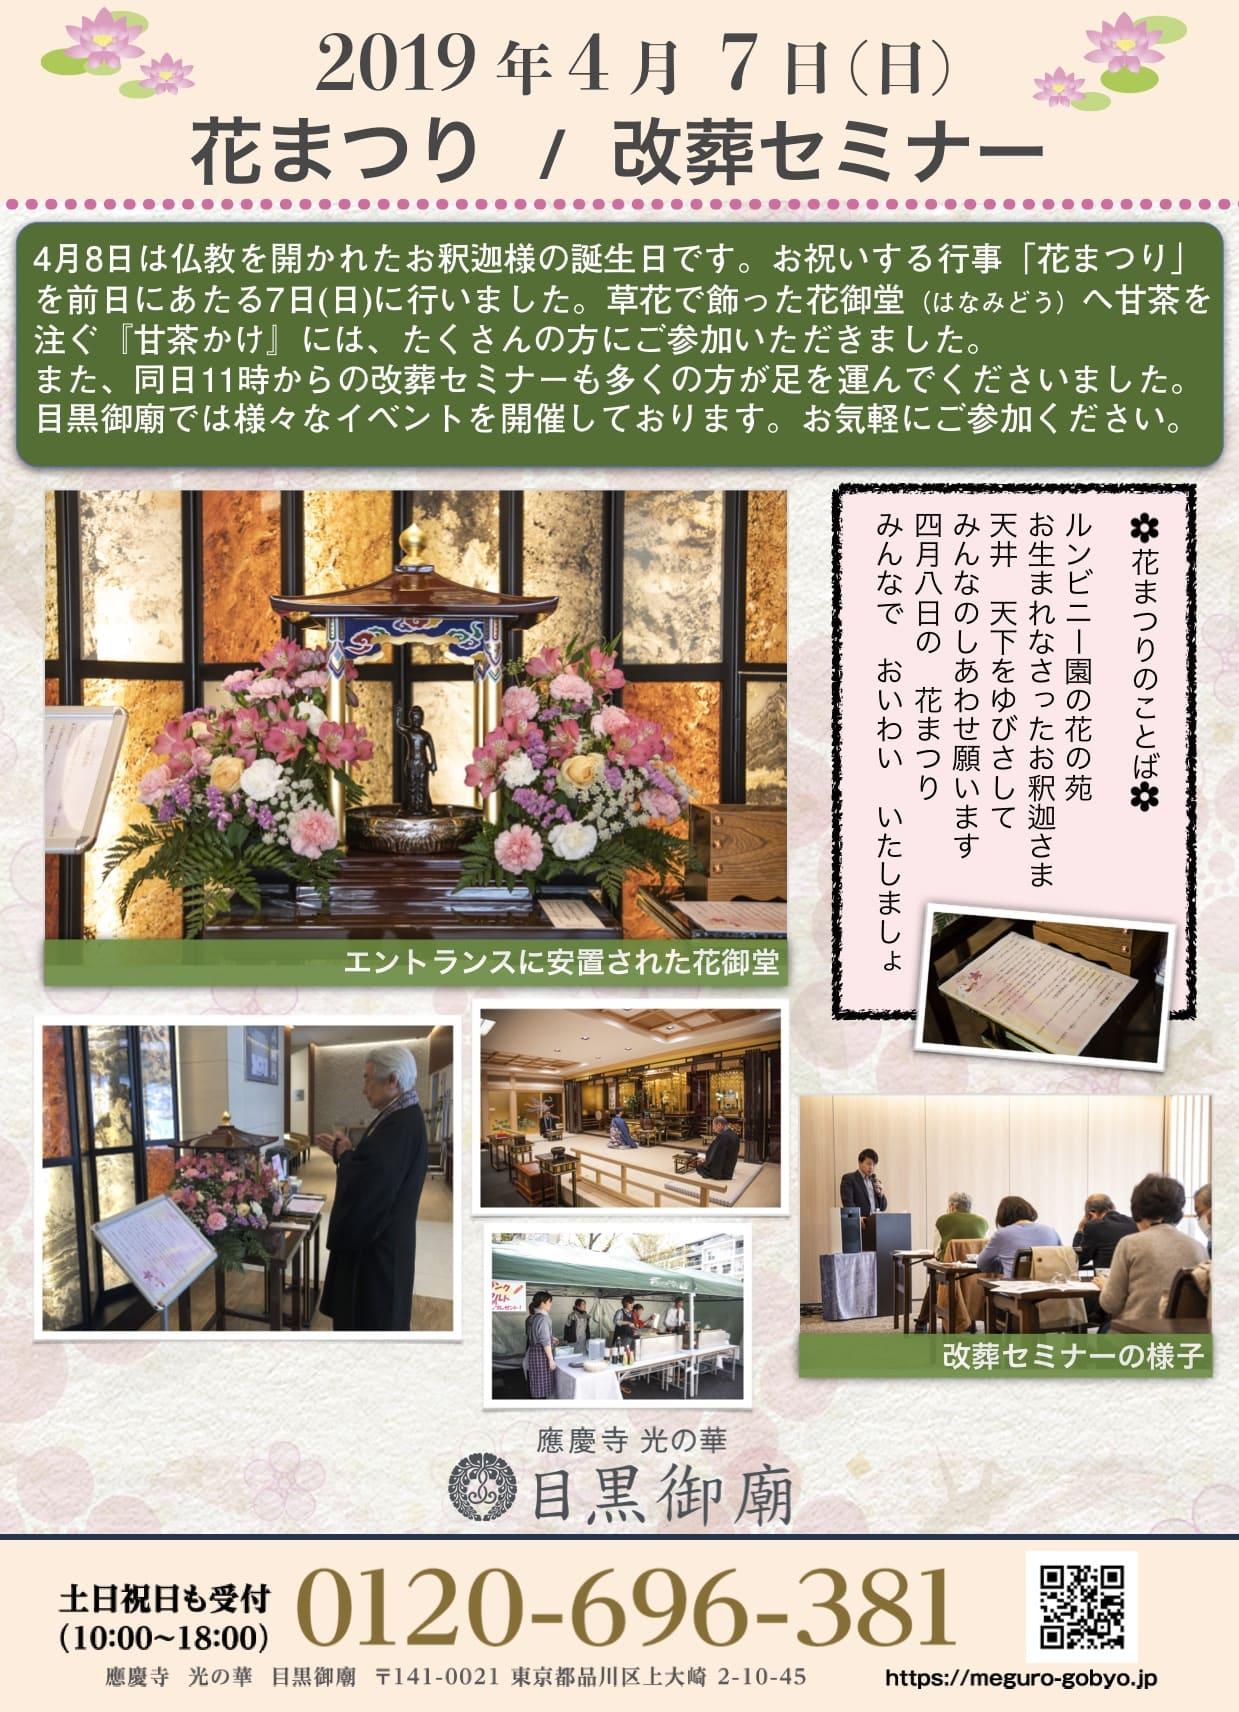 2019年4月 行事報告 花まつり・改葬セミナー